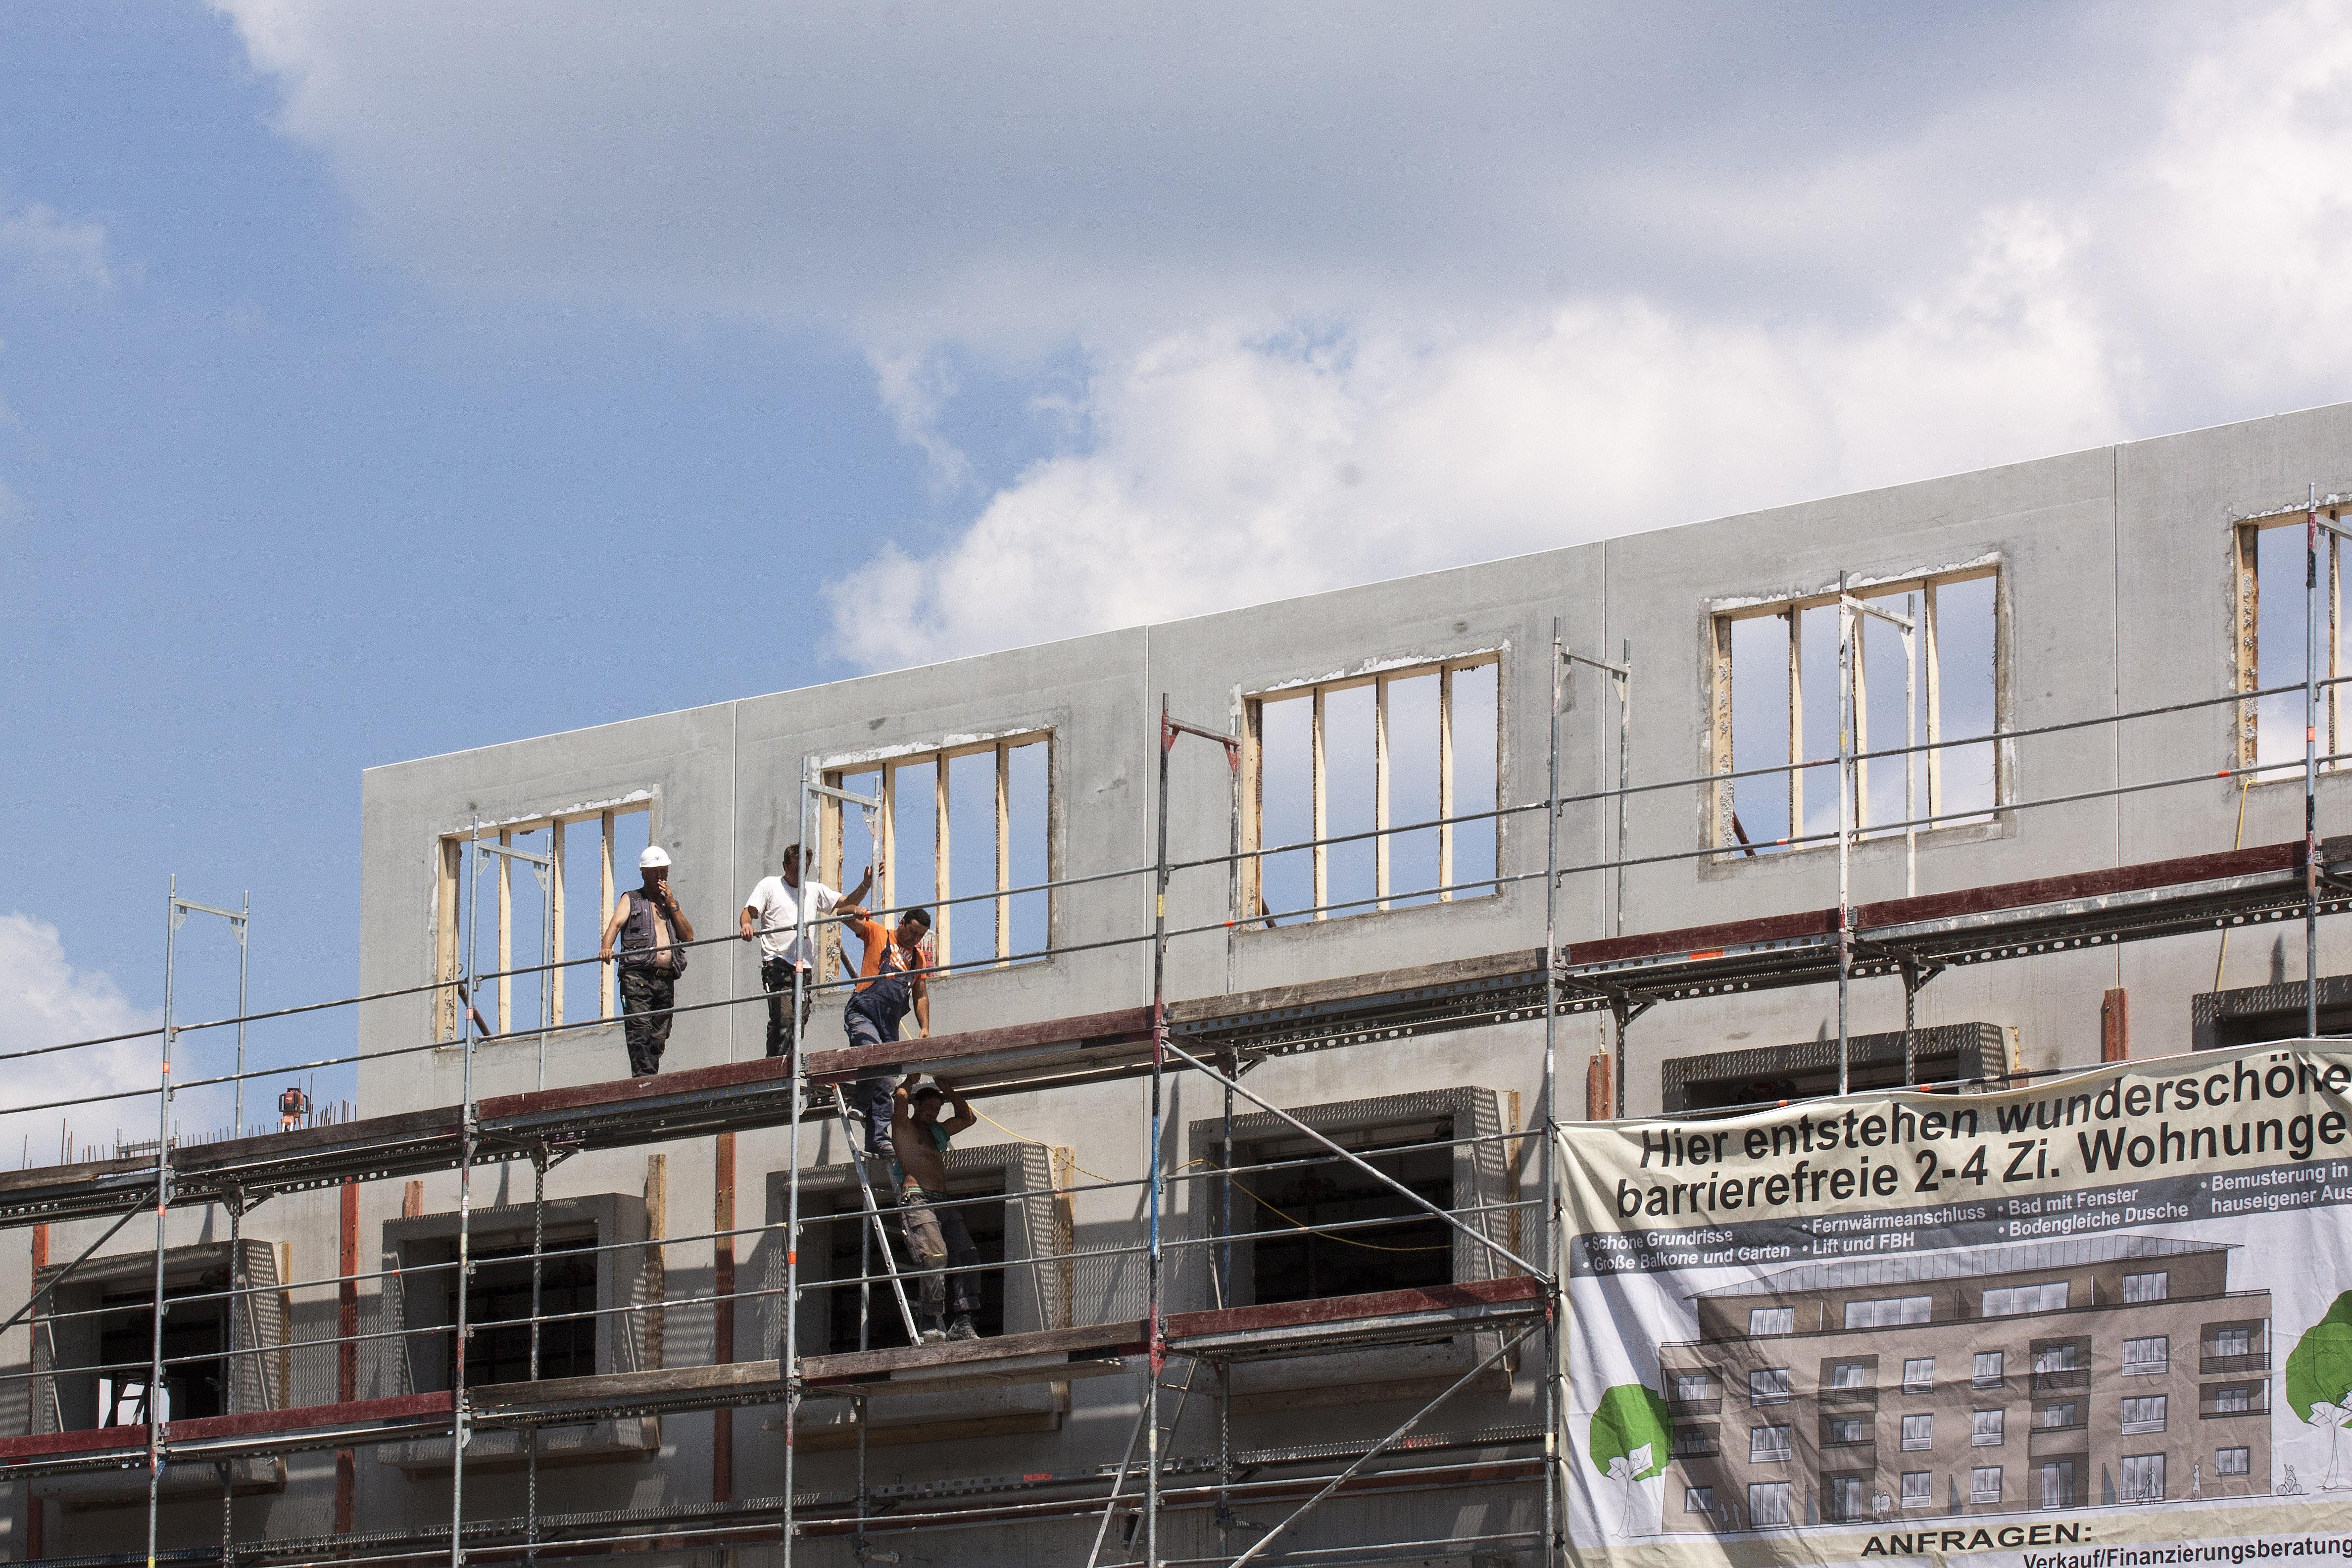 Architecture construction façade stade coquille construire site échafaud immobilier les travaux de construction ouvriers du bâtiment